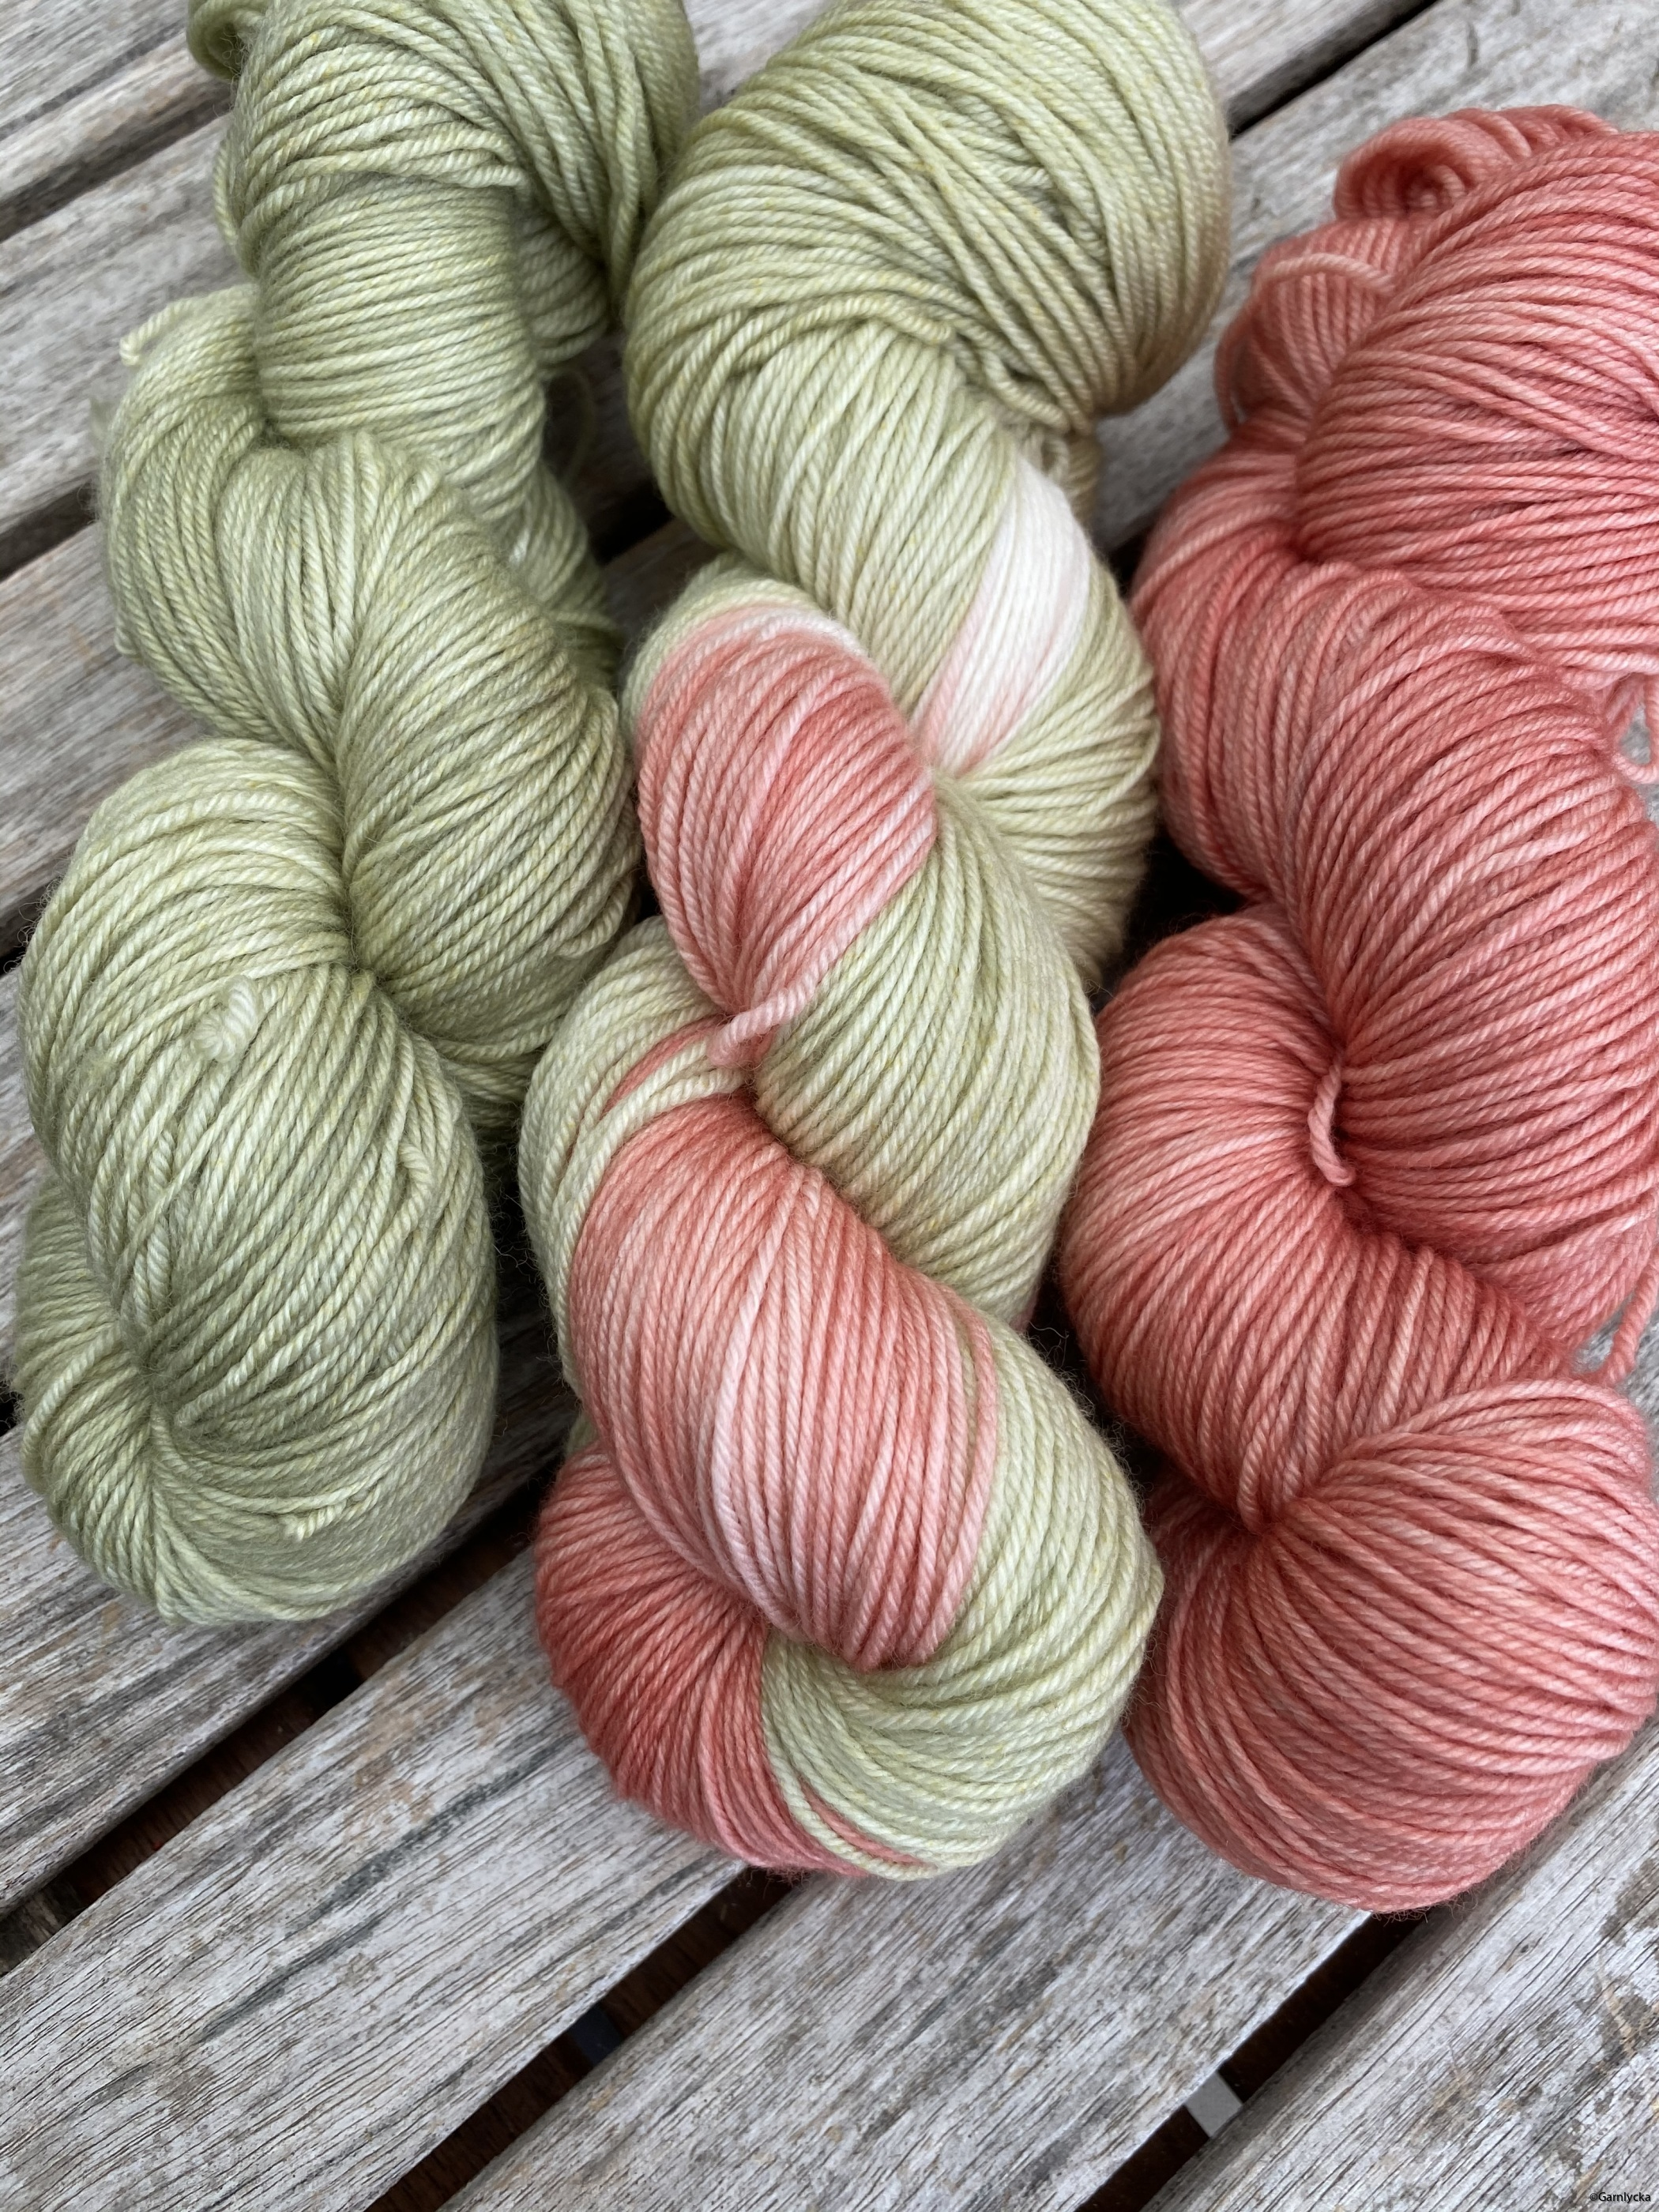 Grön/vit/rosaröd